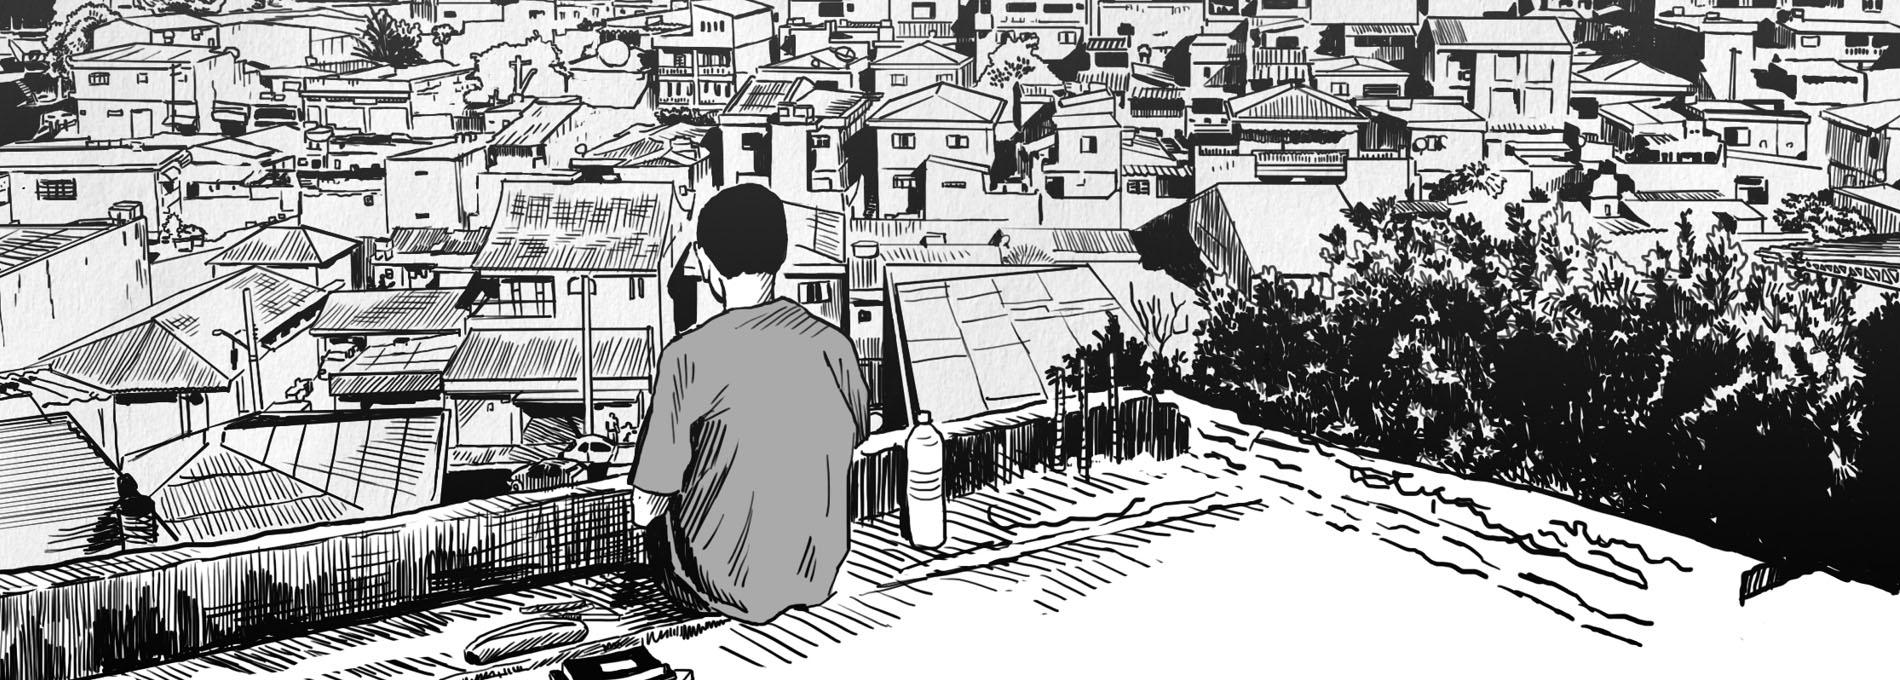 Isolamento para quem? HQ retrata a pandemia na periferia